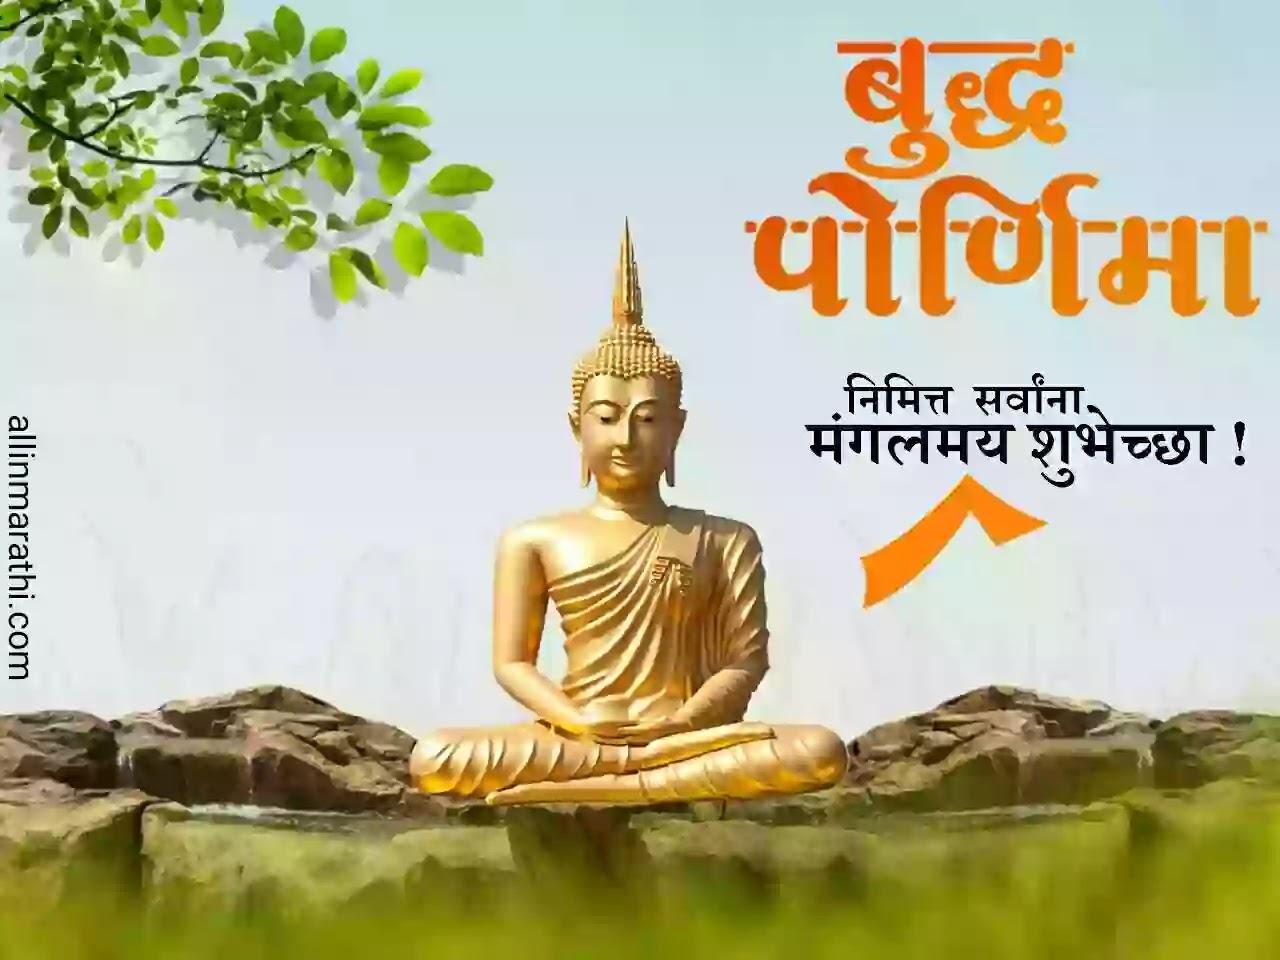 Buddha-purnima-images-marathi